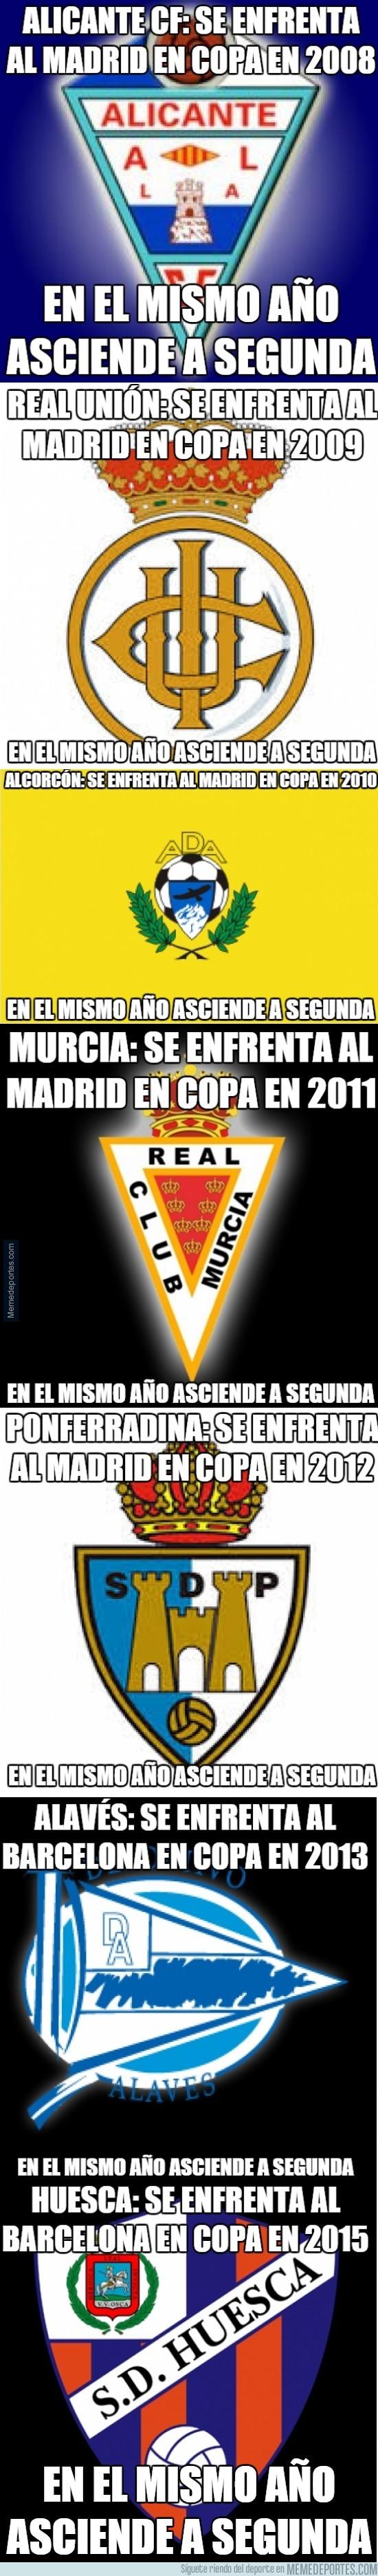 605103 - Jugar en Copa contra Barcelona o Real Madrid te garantiza el ascenso a Segunda